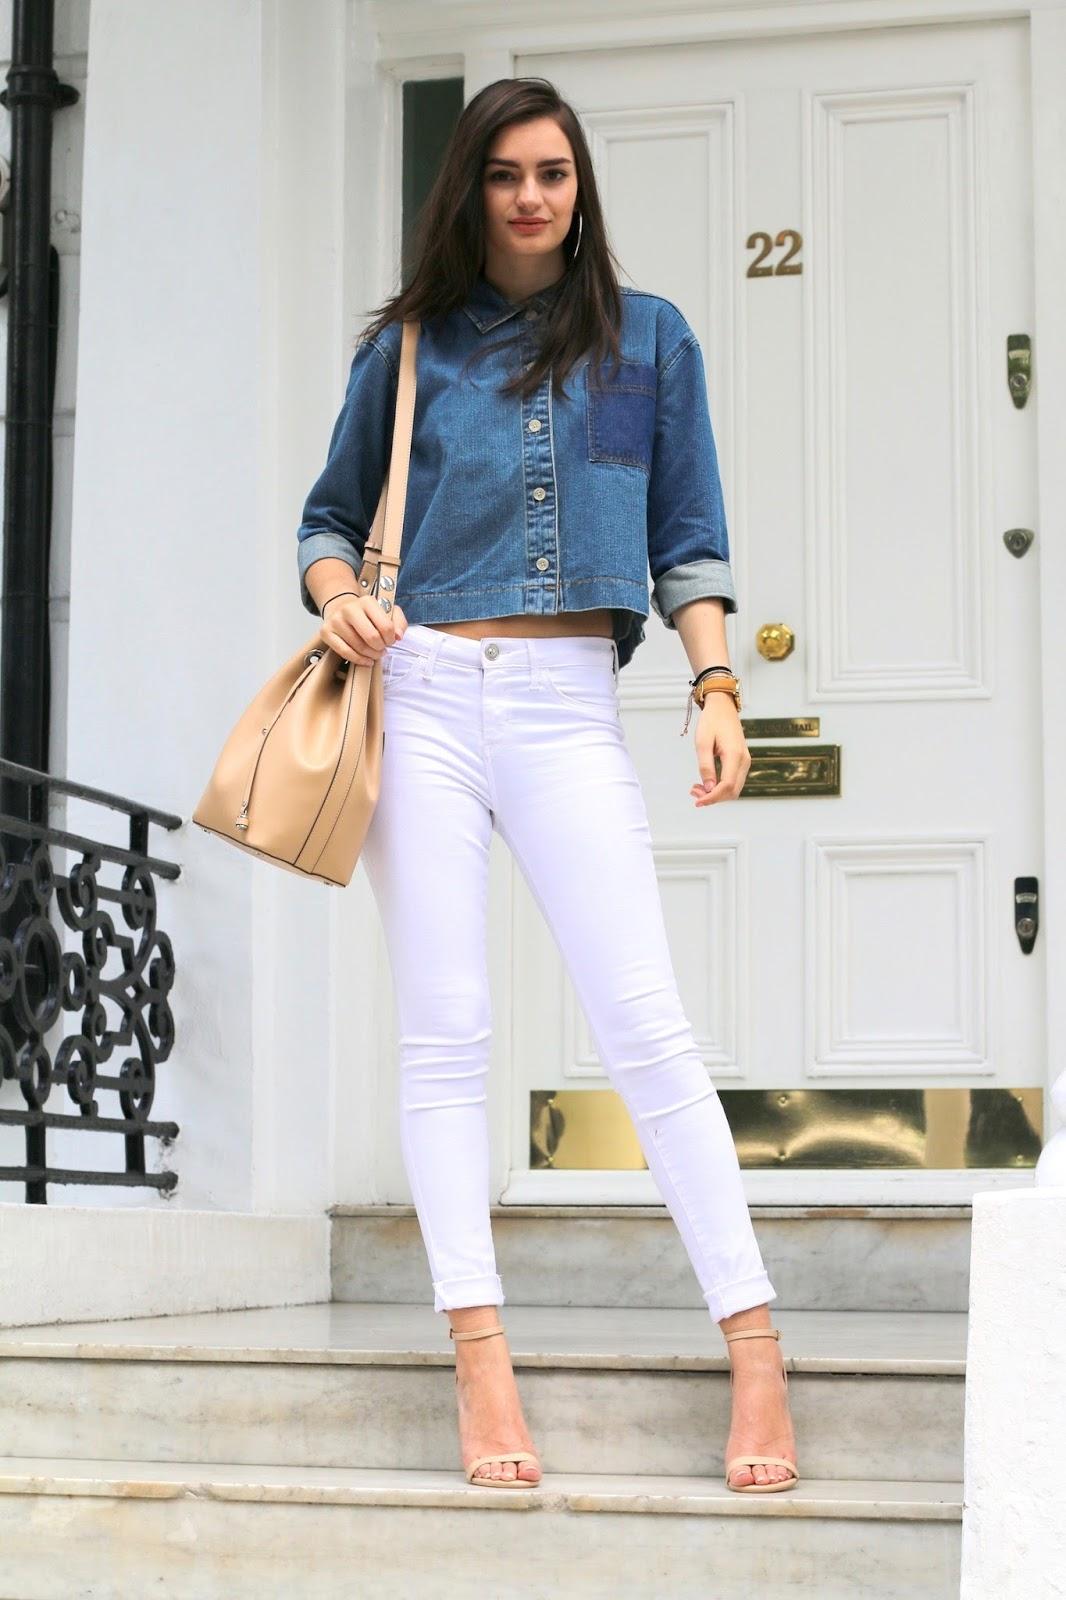 peexo style blogger summer